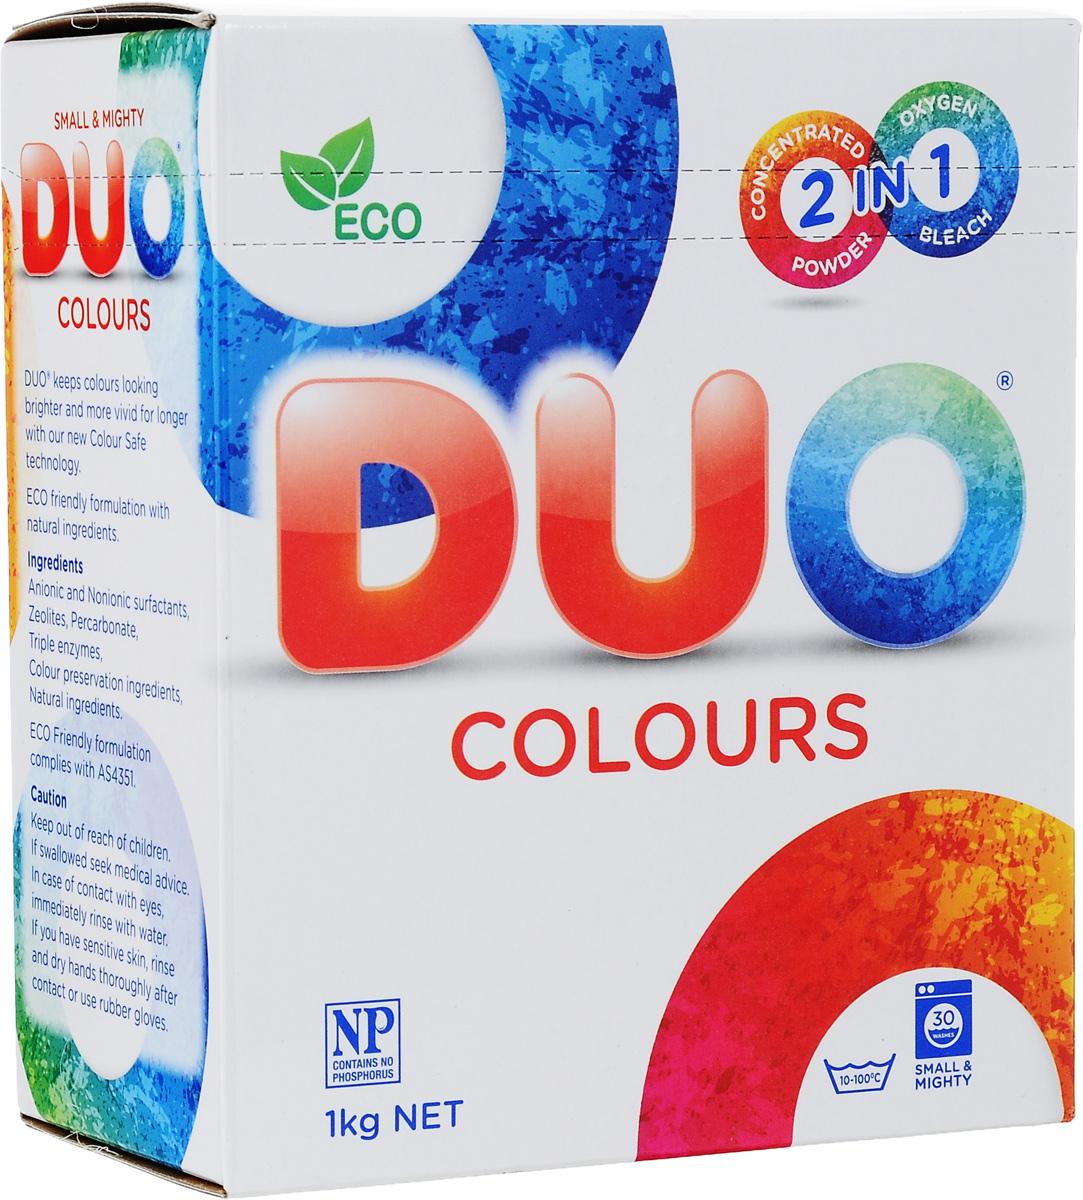 Стиральный порошок Duo Colours, для цветных и темных тканей, концентрированный, 1 кг790009Концентрированный стиральный порошок Duo Colours предназначен для стирки цветных и темных тканей. Двойная степень защиты цвета сохраняет все краски цветного и темного белья, защищает от ультрафиолета. Особенности порошка Reflect Colours: - обладает высокой моющей способностью в широком диапазоне температур (от 10°C до 100°C), - предупреждает образование накипи на водонагревательном элементе, - обладает дезинфицирующими свойствами, устраняет неприятные запахи,- удаляет пятна и загрязнения различного происхождения, не повреждая структуру ткани, - гипоаллергенный, на основе биоразлагаемых компонентов,- экологически чистый, не содержит форфатов, хлора и отдушек,- подходит для всех типов ткани, кроме шерсти, пуха и натурального шелка, - универсальный - для машинной и ручной стирки. Товар сертифицирован.